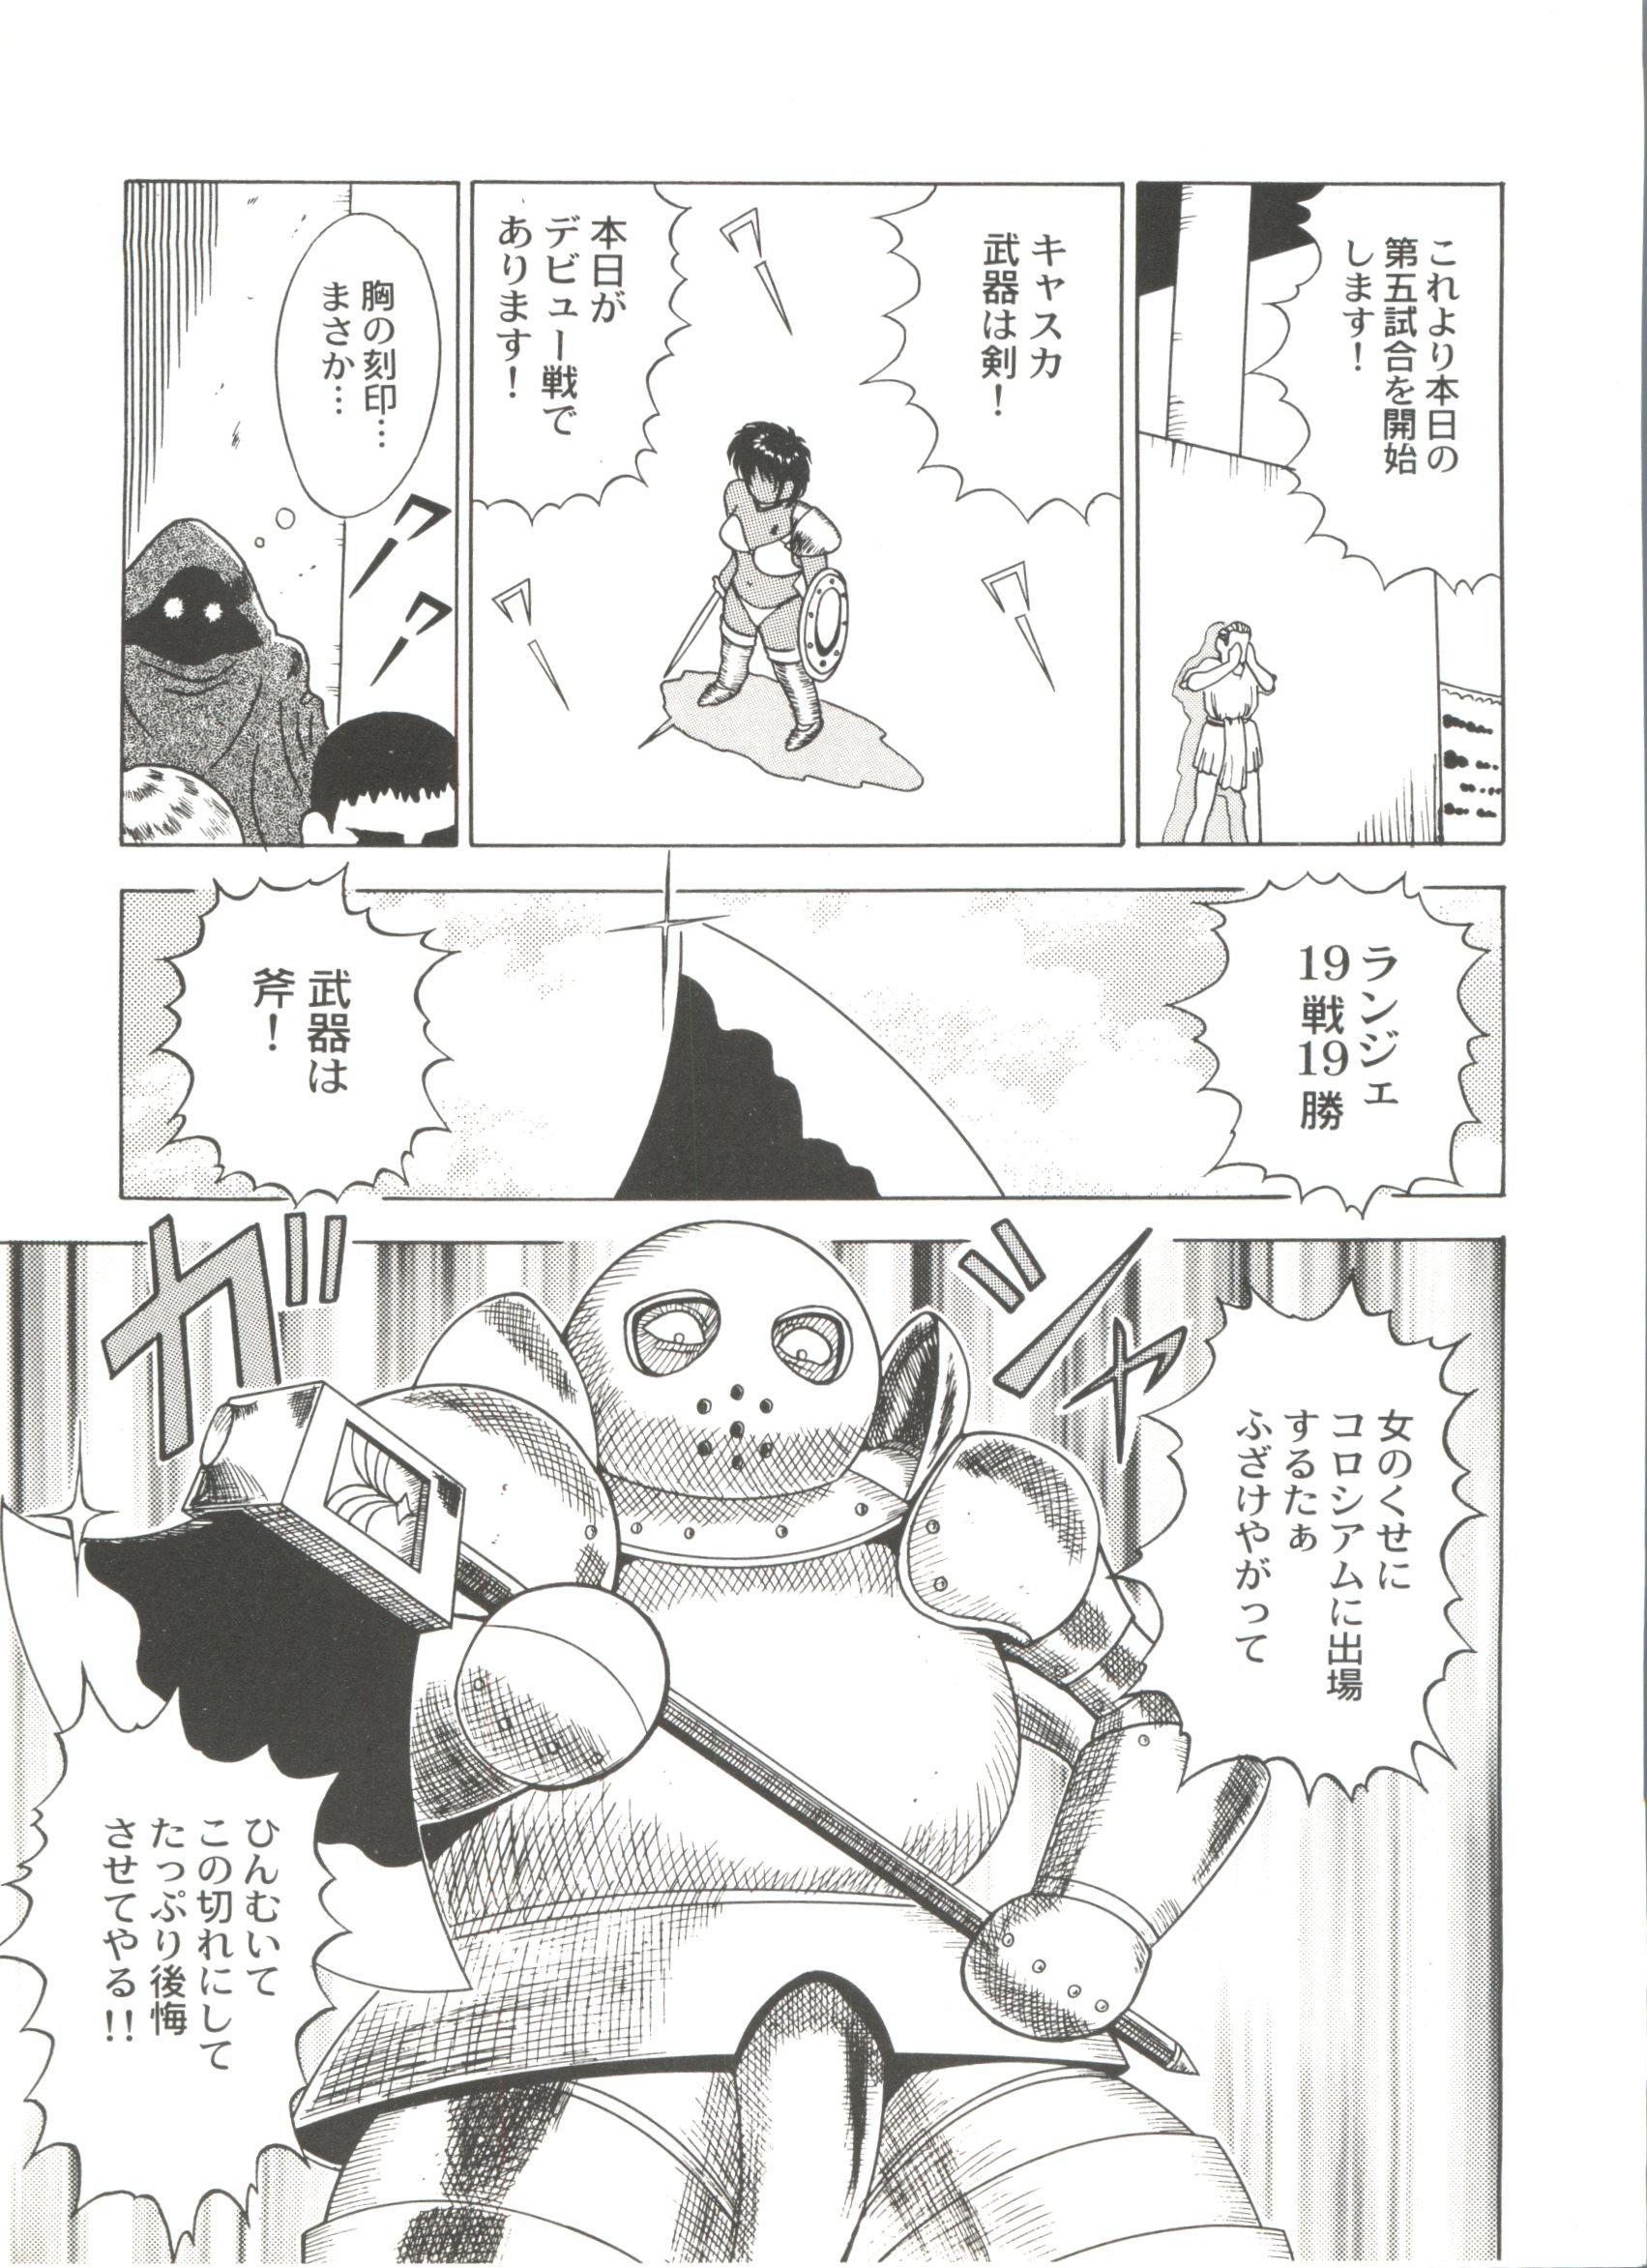 Bishoujo Doujinshi Anthology Cute 5 44